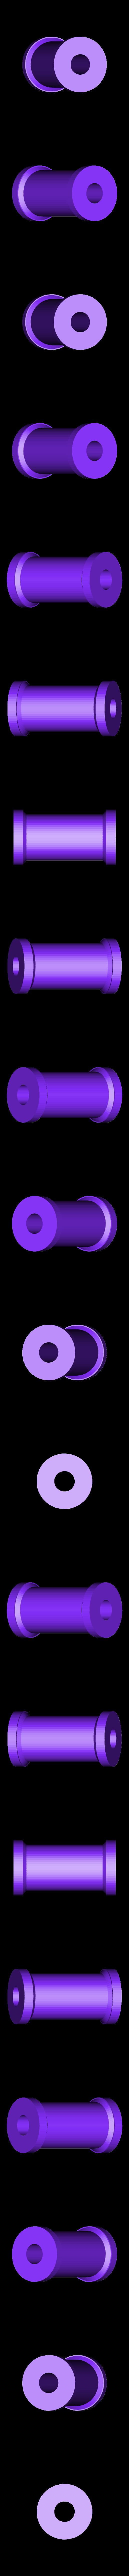 Rol_btn.stl Télécharger fichier STL gratuit Tournevis électrique sans fil. v2 • Objet à imprimer en 3D, SiberK